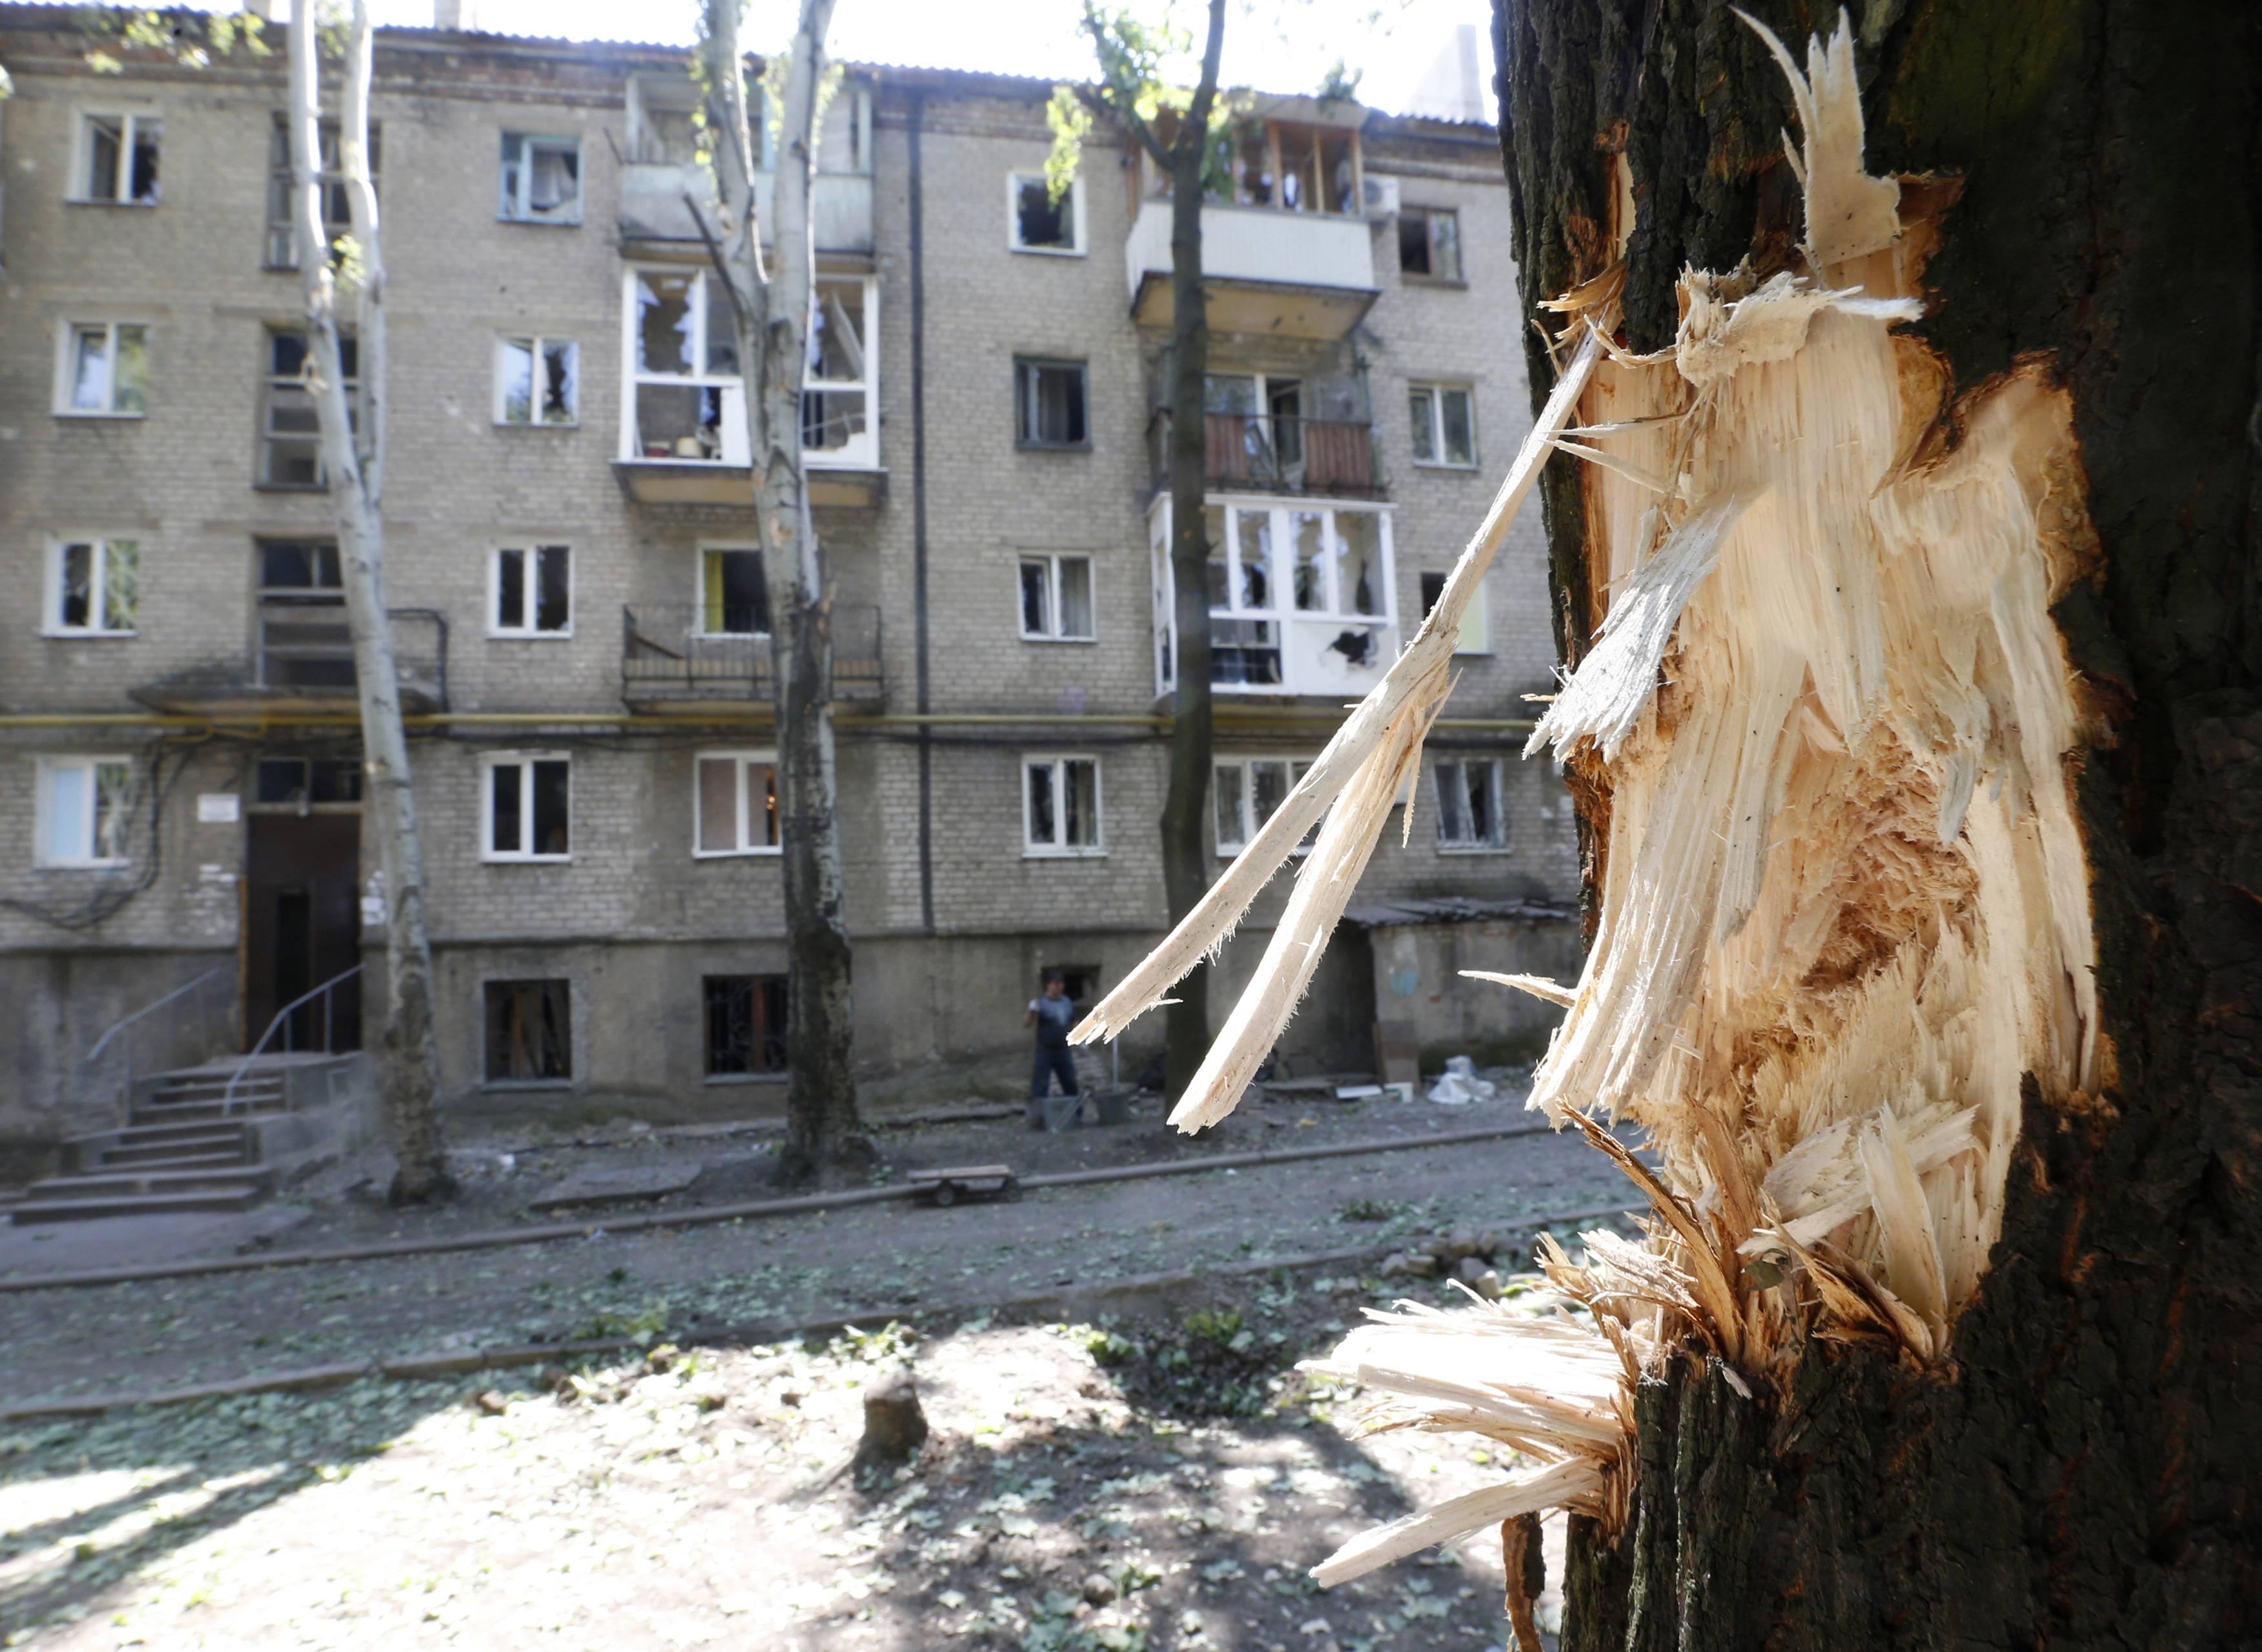 В Донецке мощный обстрел. Детей экстренно забирают из школ, - соцсети